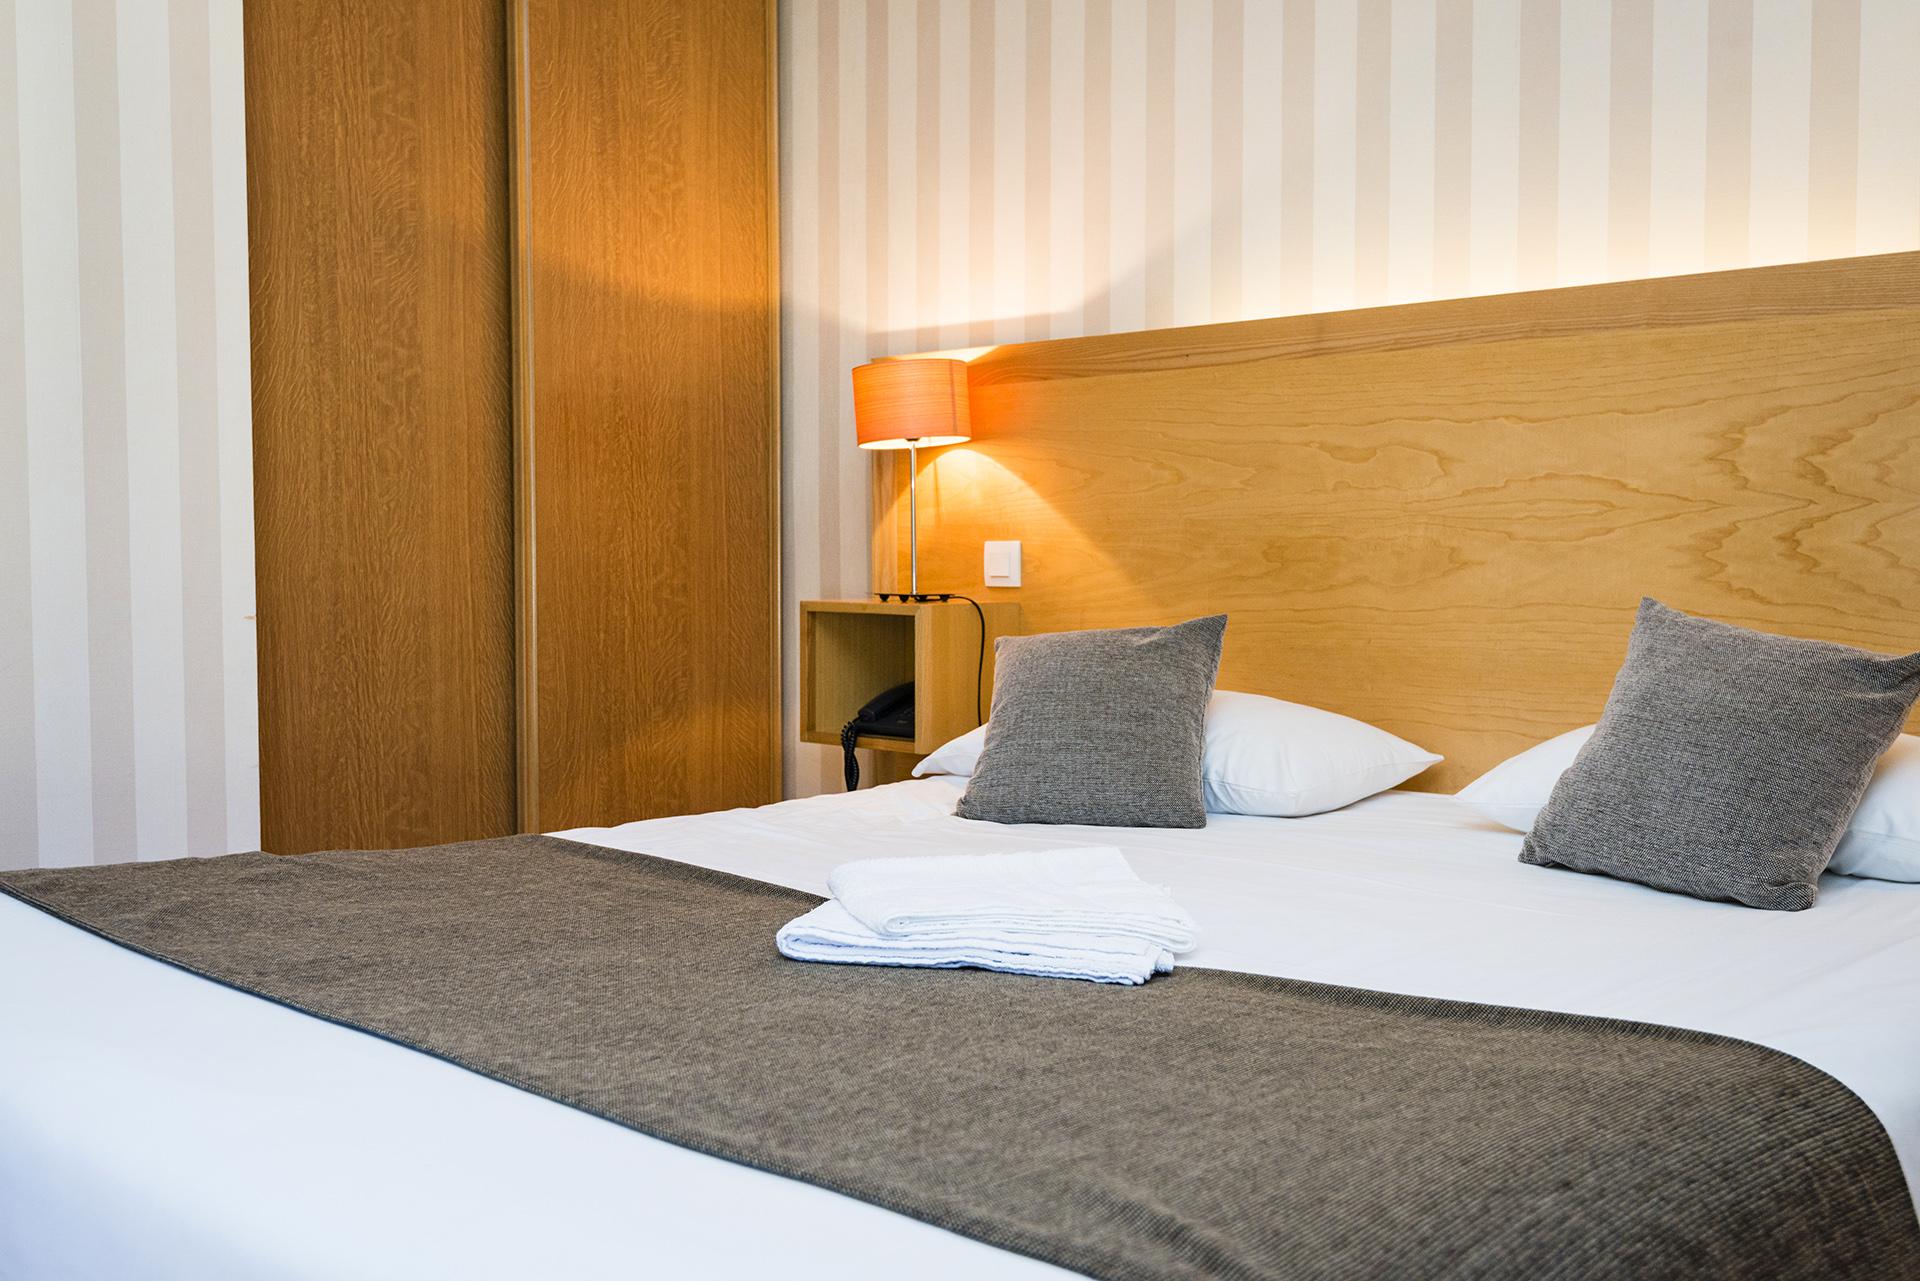 Lit Chambre Prestige - Hôtel *** le Chalet à Ax les Thermes en Ariège Pyrénées